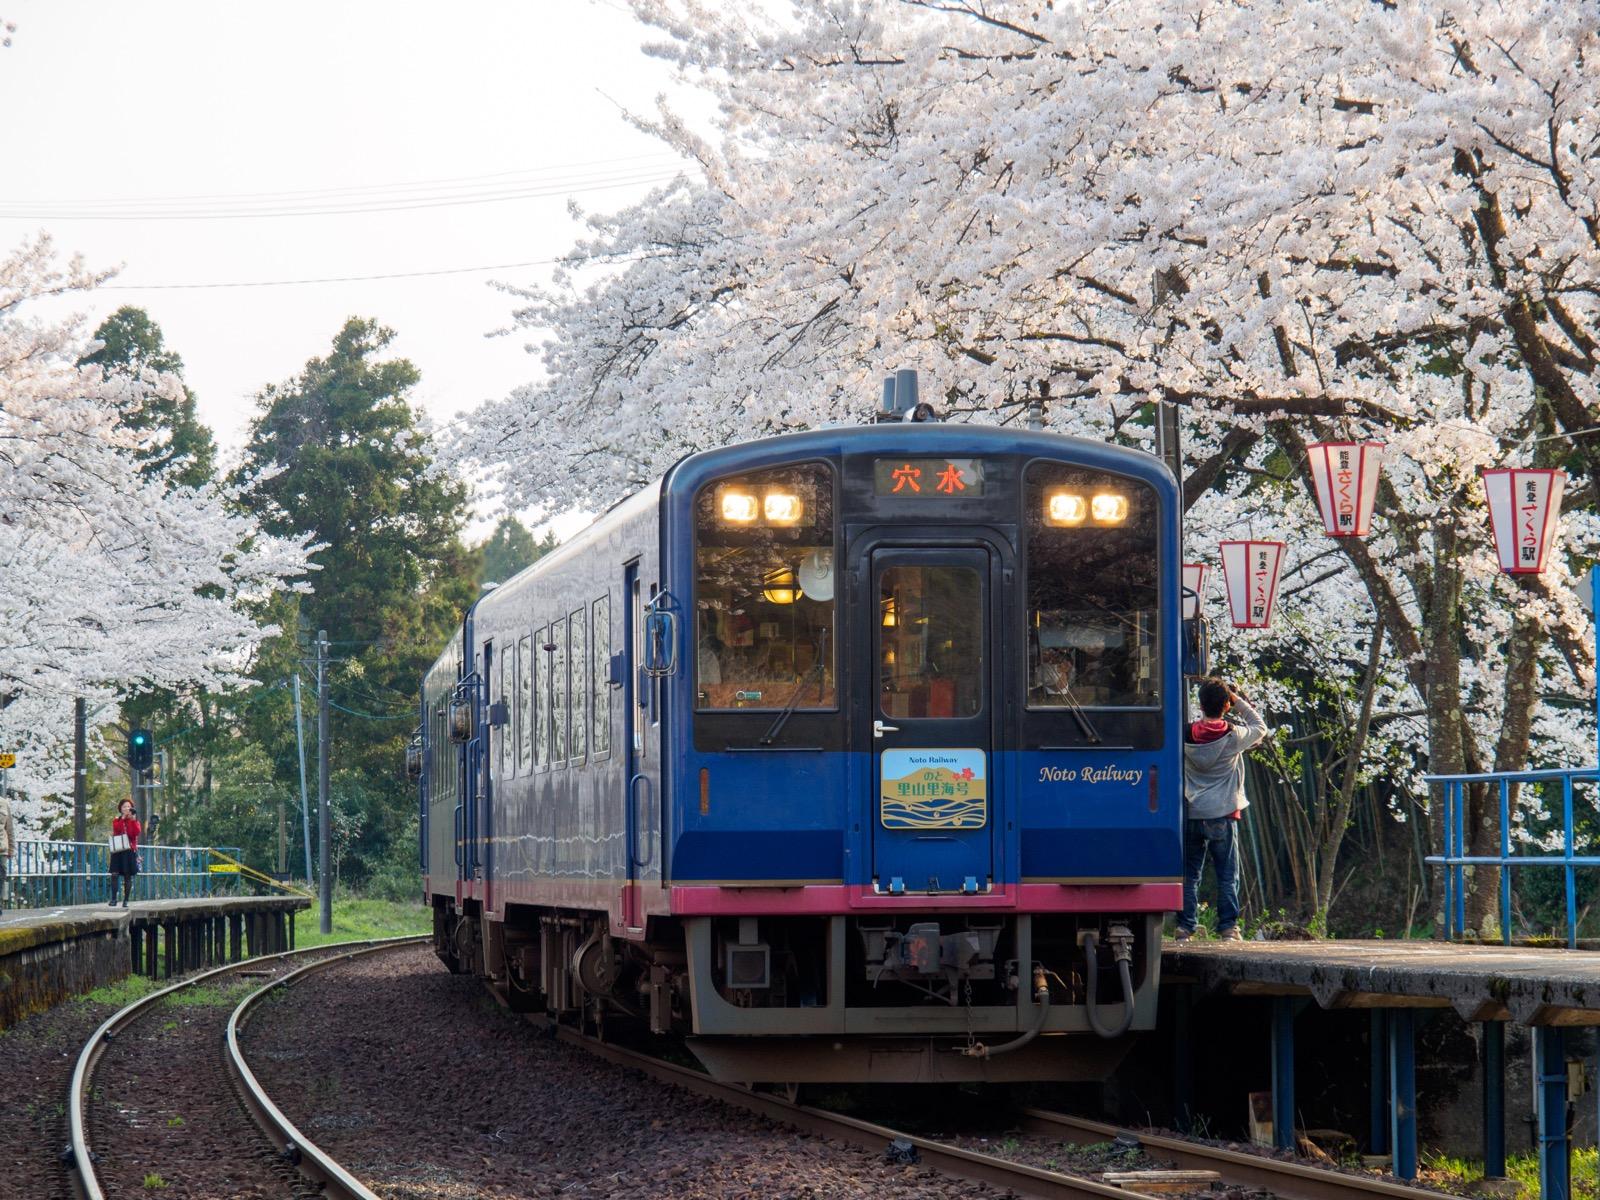 桜が満開の能登鹿島駅(能登さくら駅)に到着する「のと里山里海号」